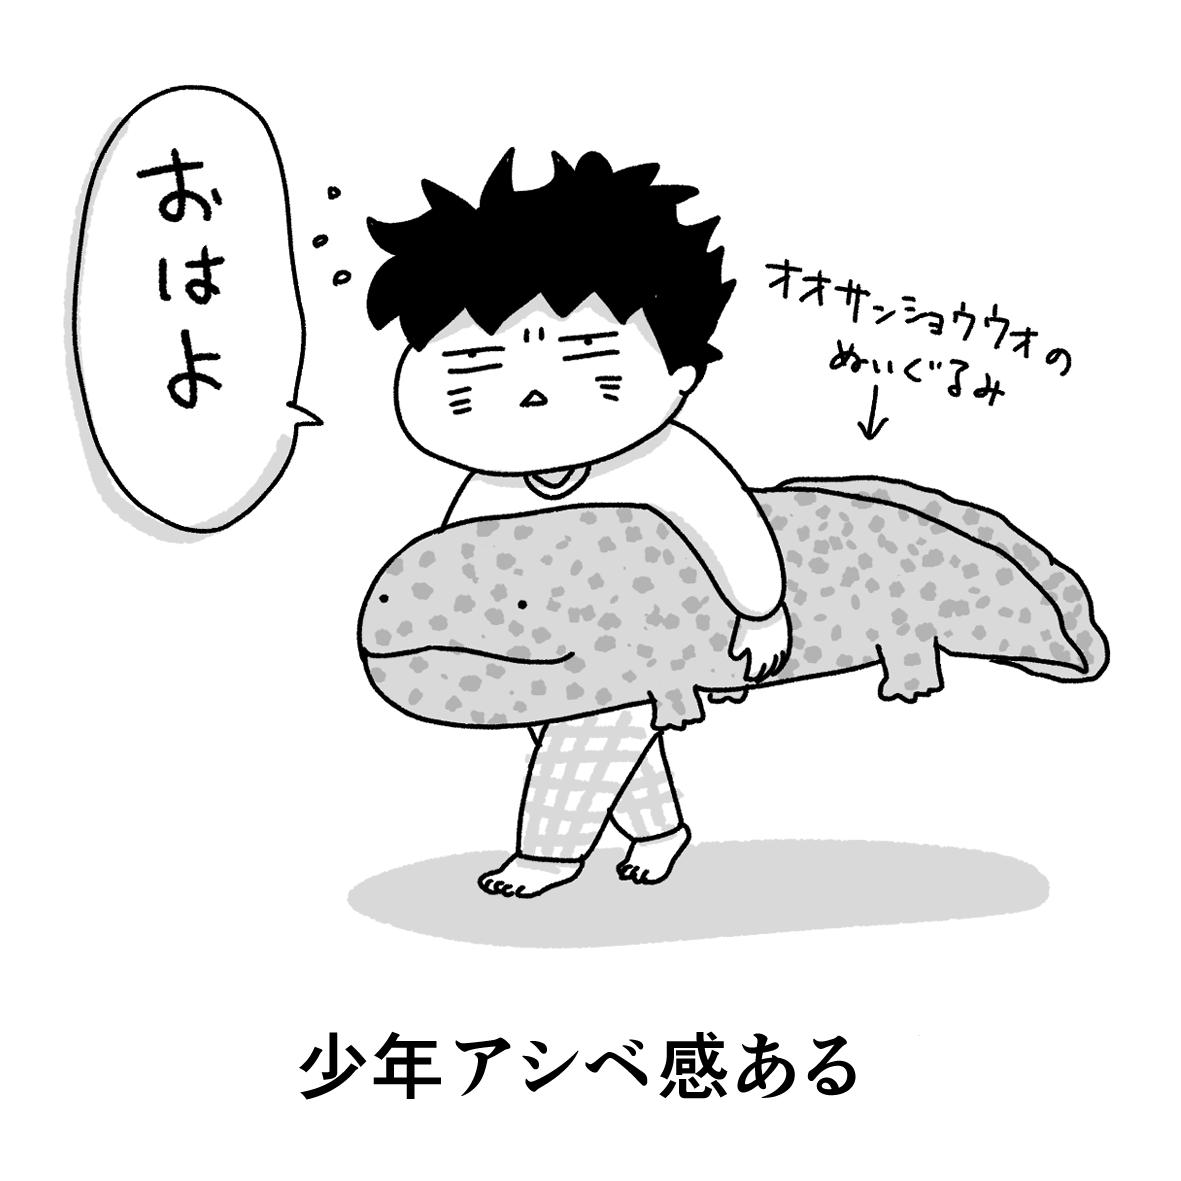 f:id:chokko_san:20200403101947p:plain